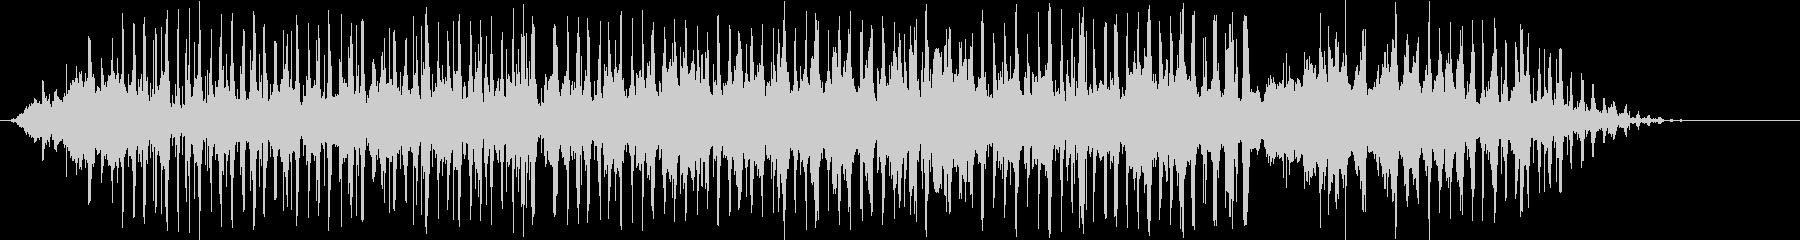 エルロシオ拍手とヤシの木の未再生の波形